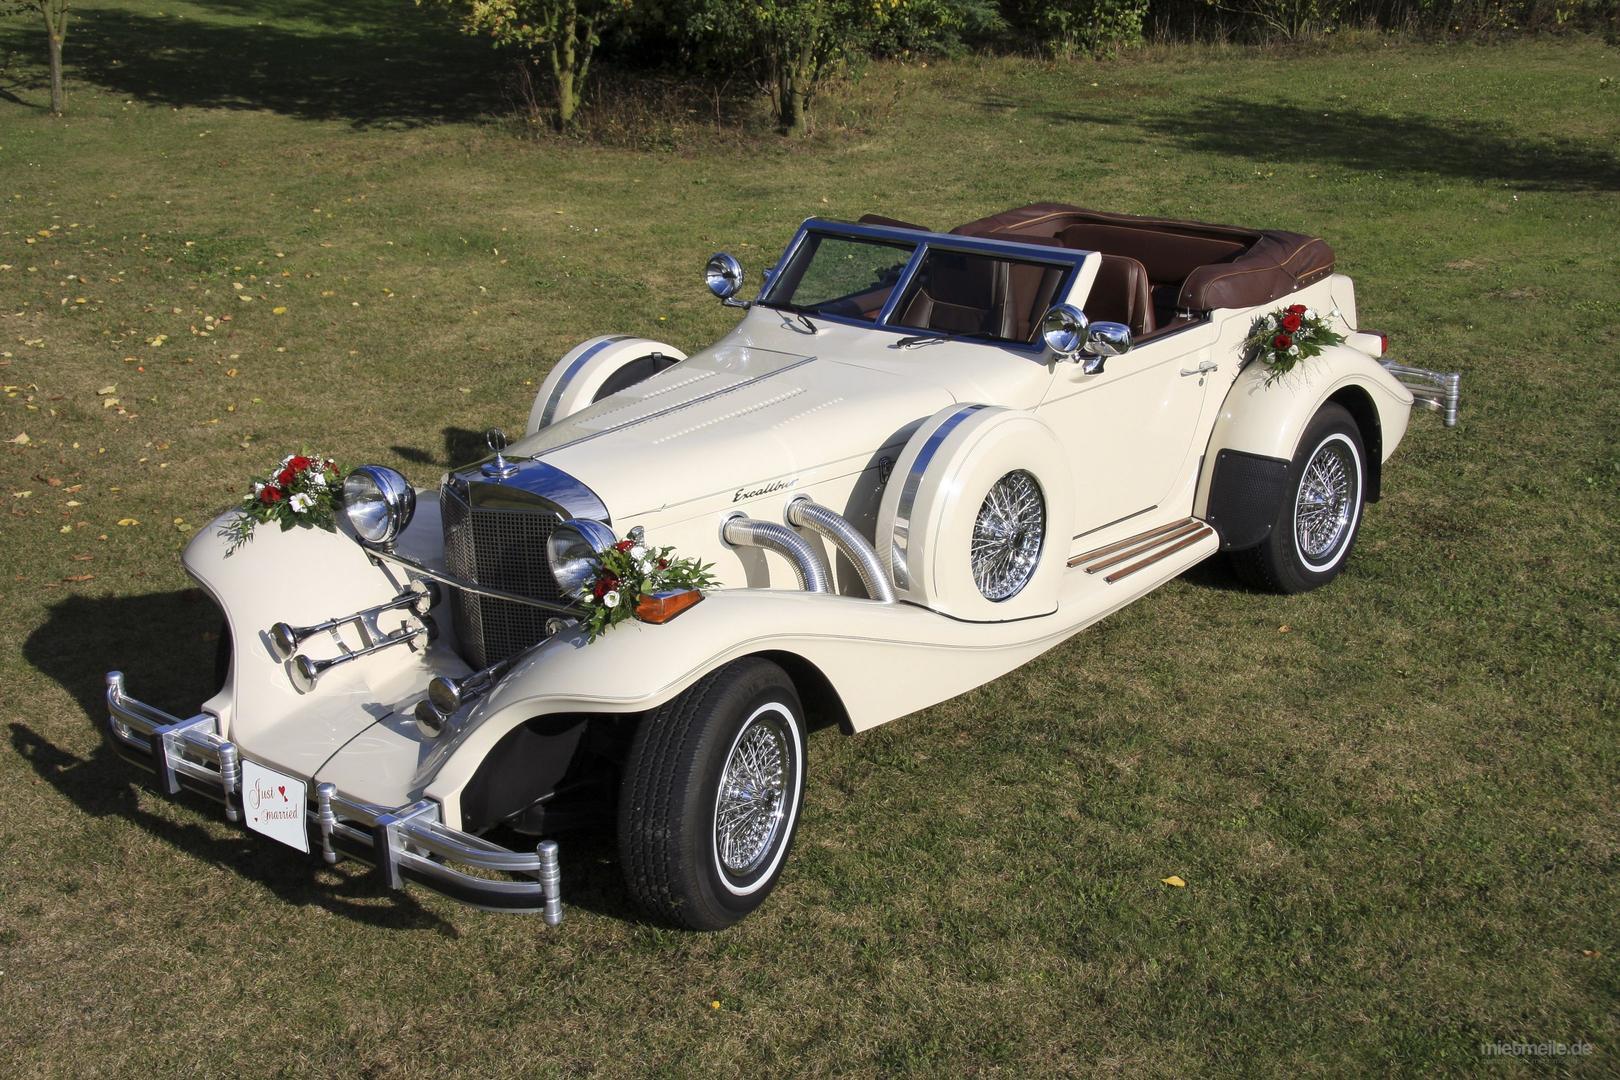 Hochzeitsauto mieten & vermieten - Hochzeitsauto Oldtimer Excalibur Phaeton Serie 5 mit Chauffeur in Winnenden